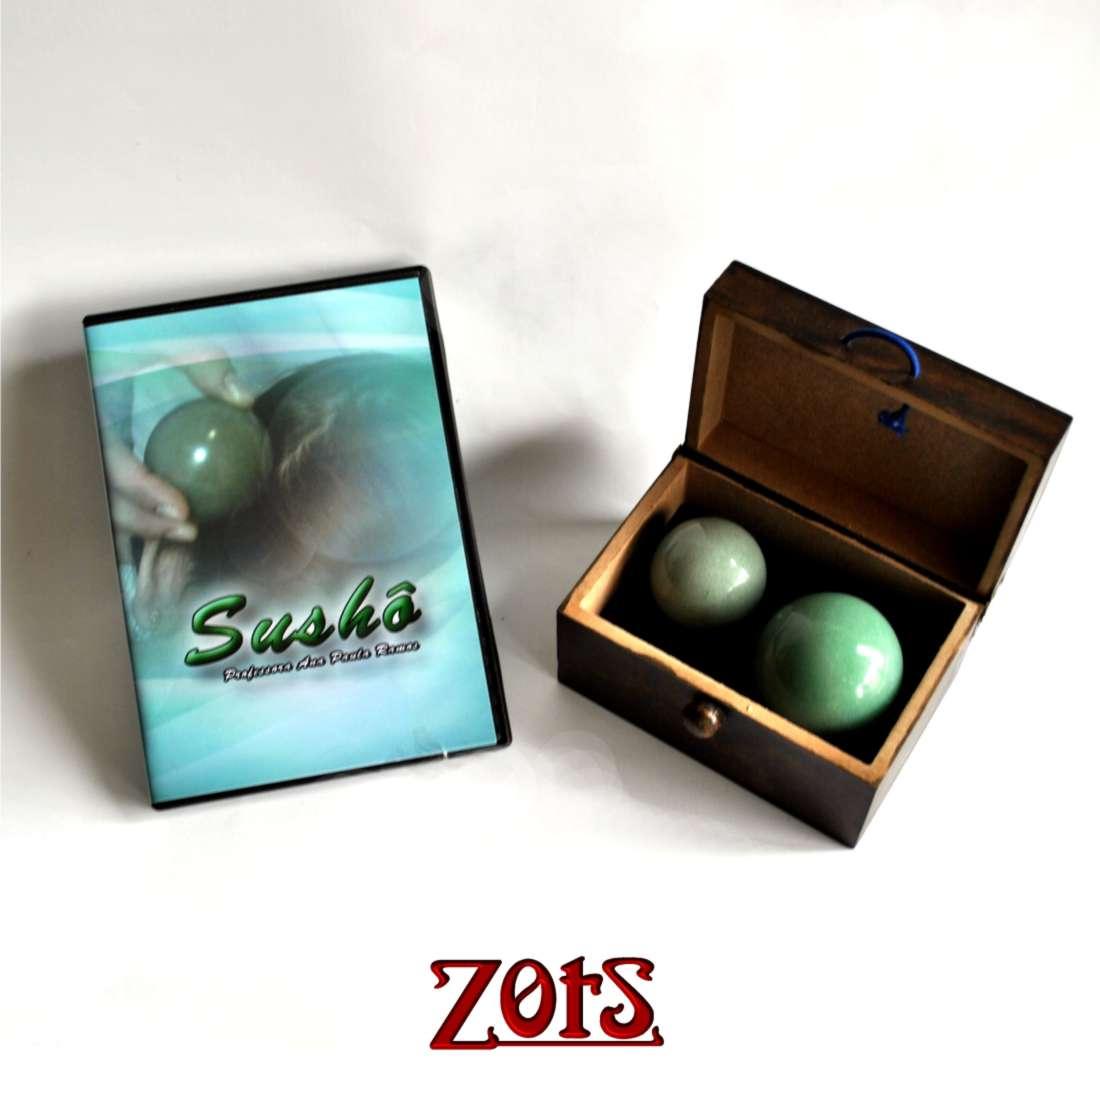 Sushô + DVD  -  Zots